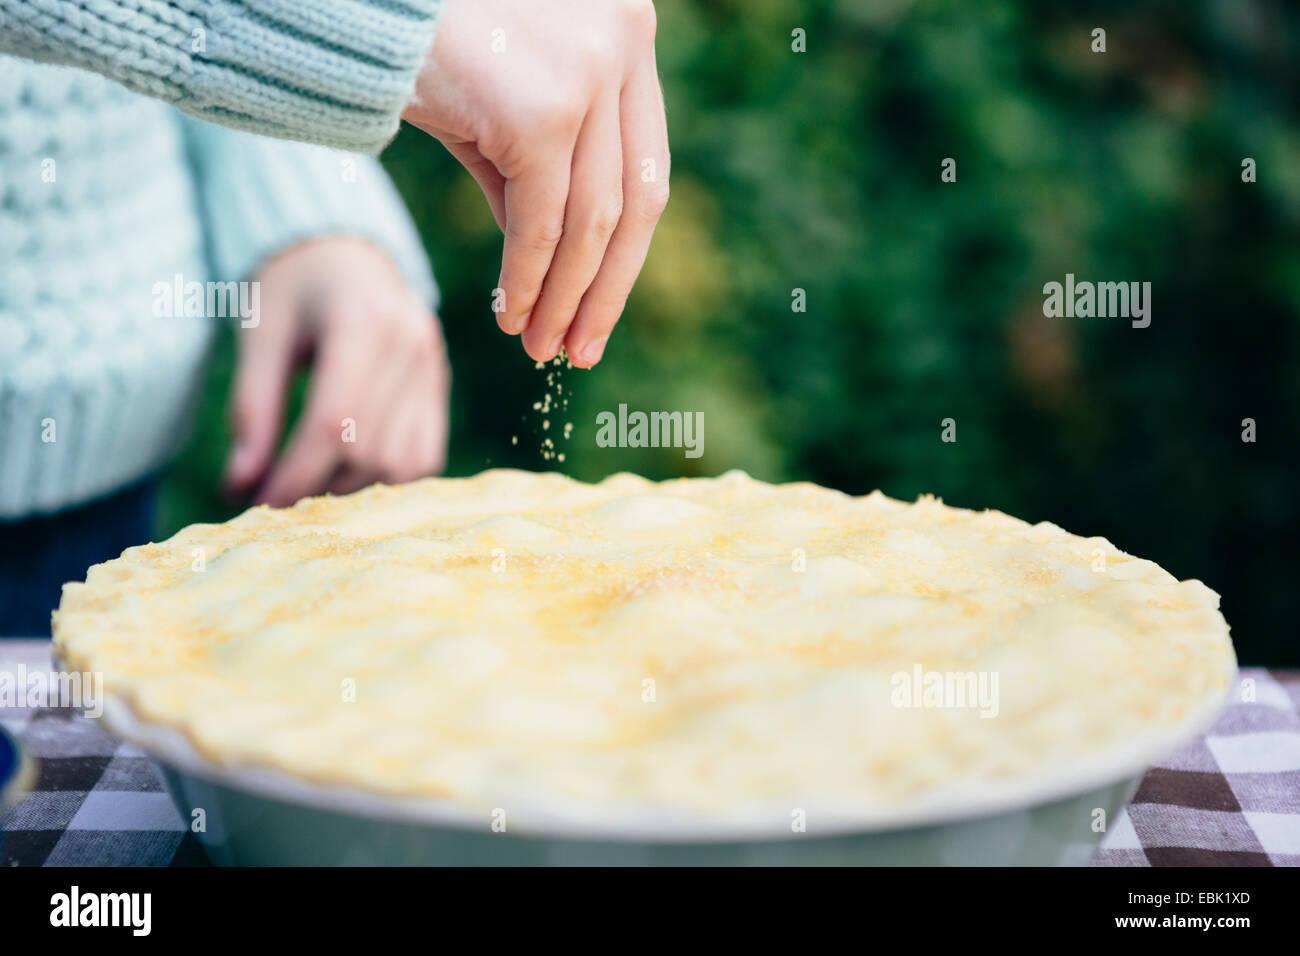 Mädchen, die Prise Zucker auf hausgemachte Kuchen Stockbild